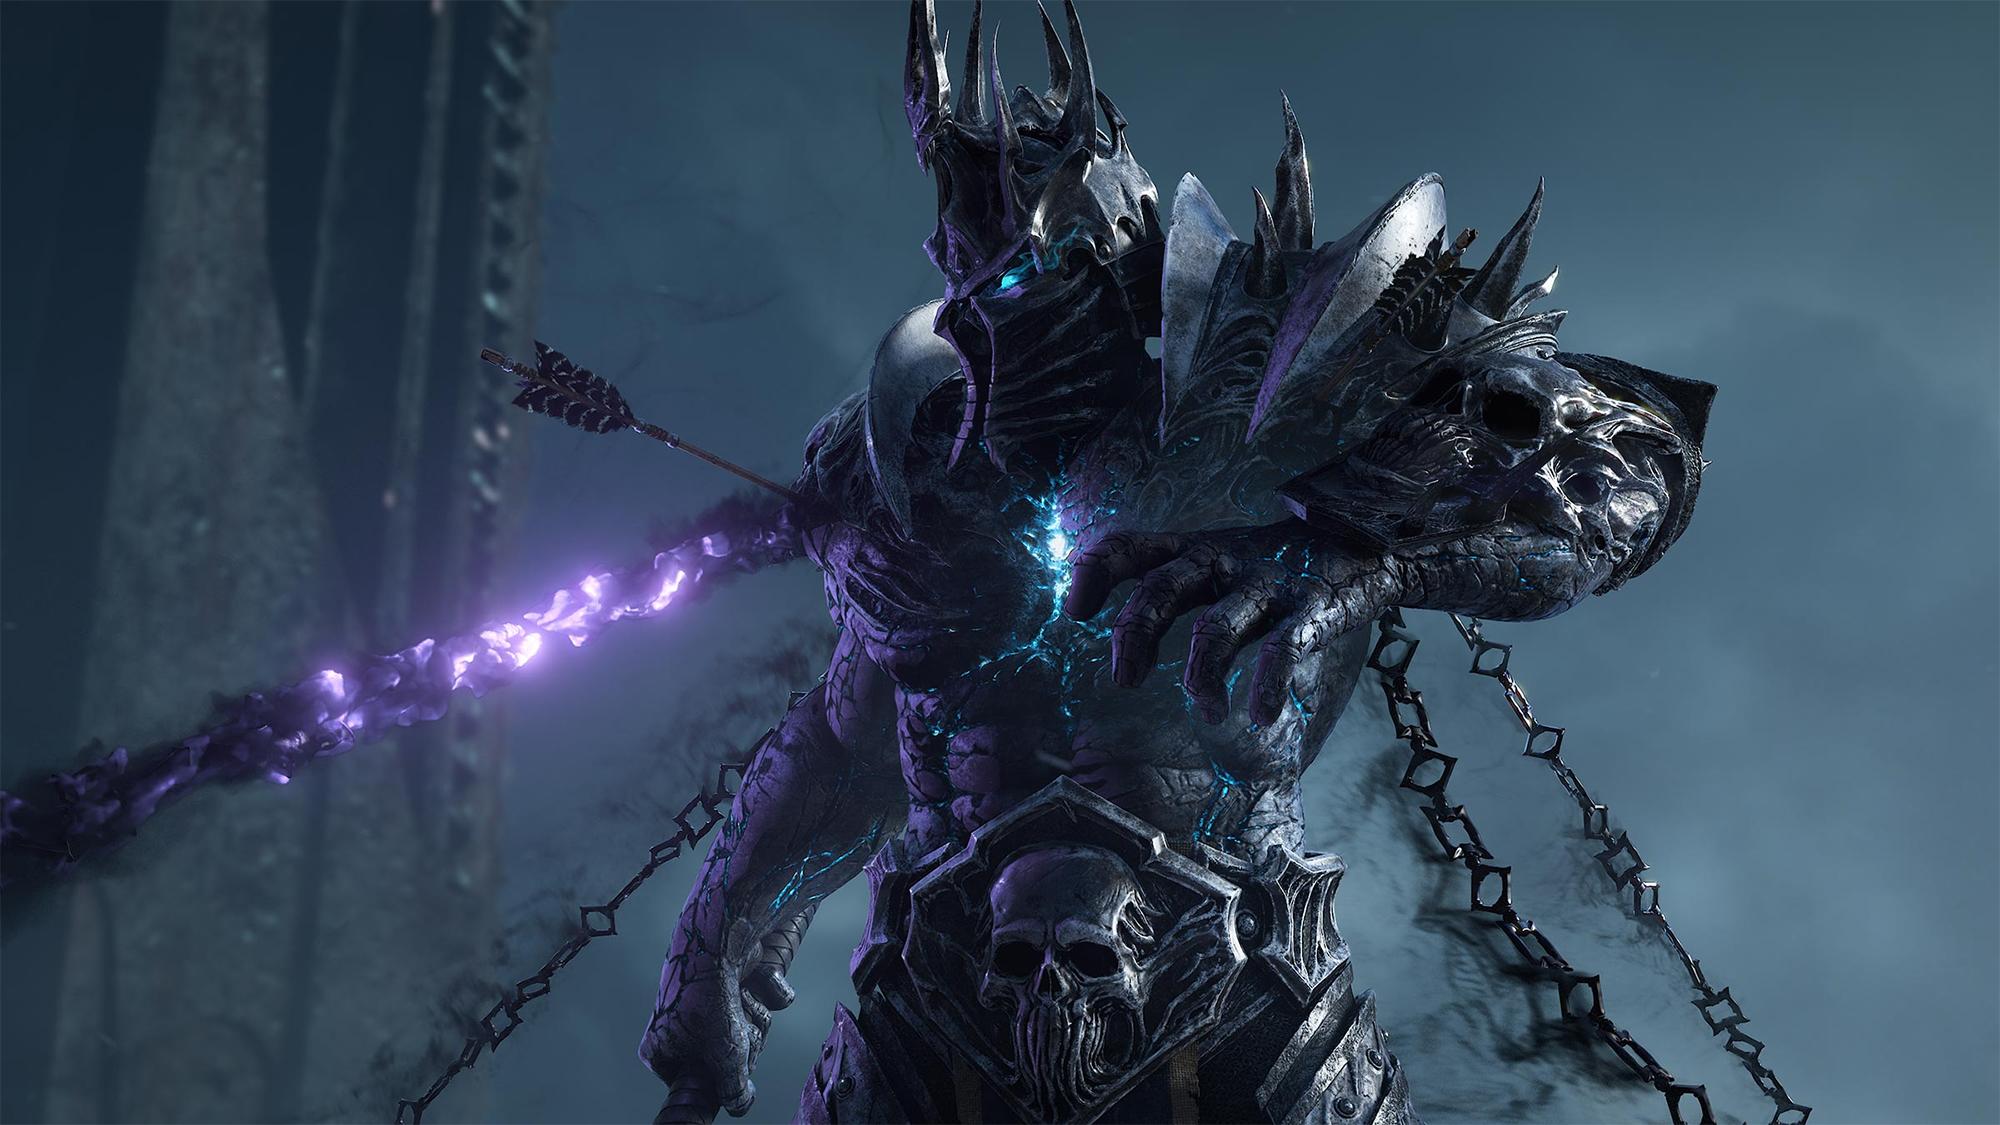 Nous retrouverons Bolvar dans l'événement pré-extension de Shadowlands